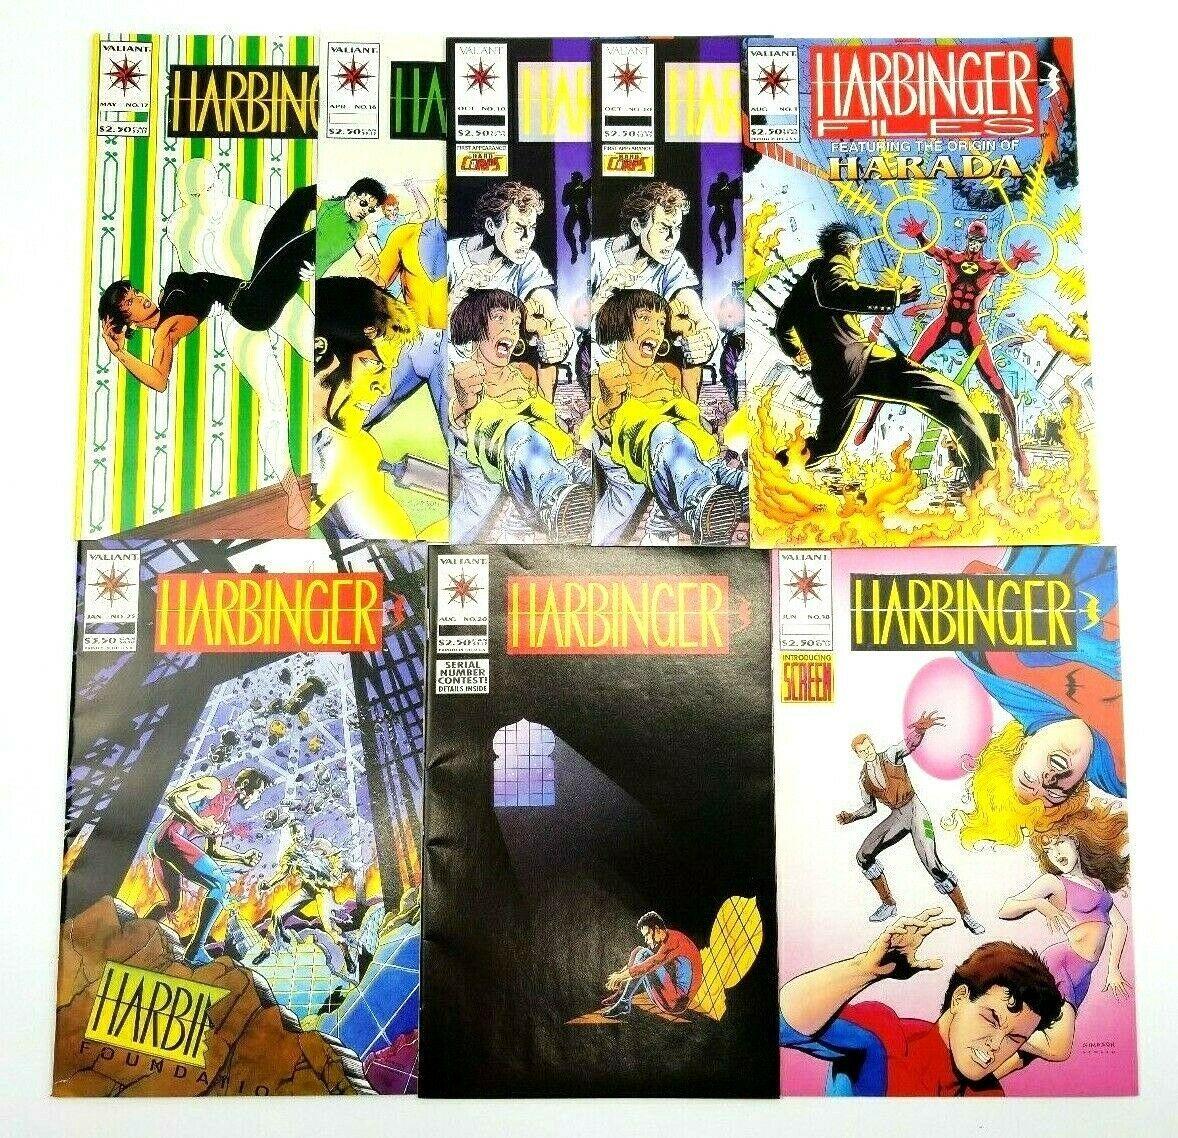 Harbinger 10 16 17 18 20 25 Harbinger Files #1 Valiant Comic Book Lot